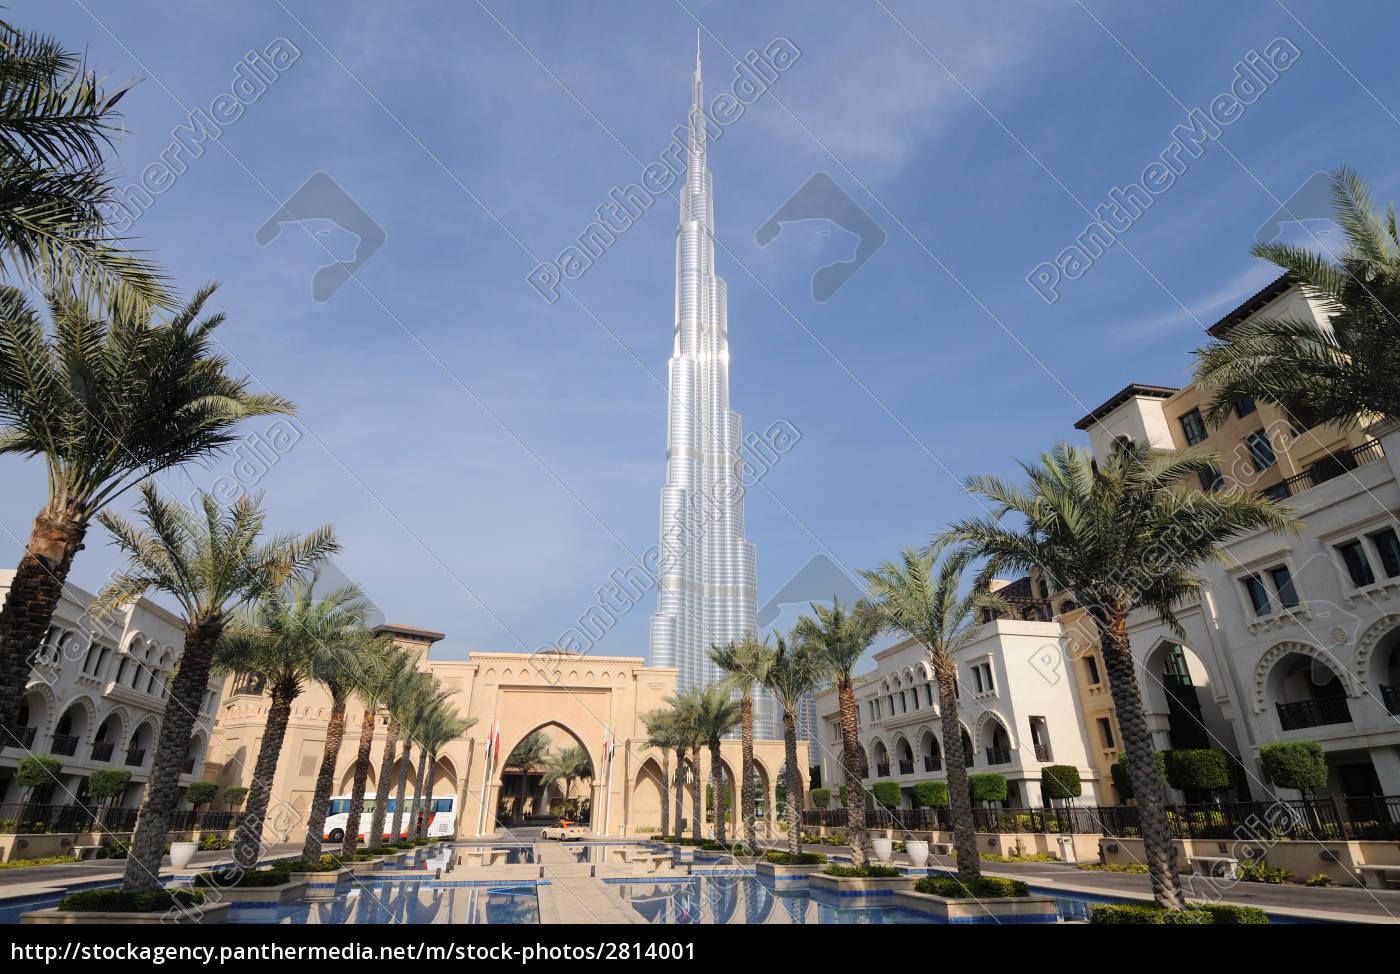 burj, khalifa, dubai - 2814001